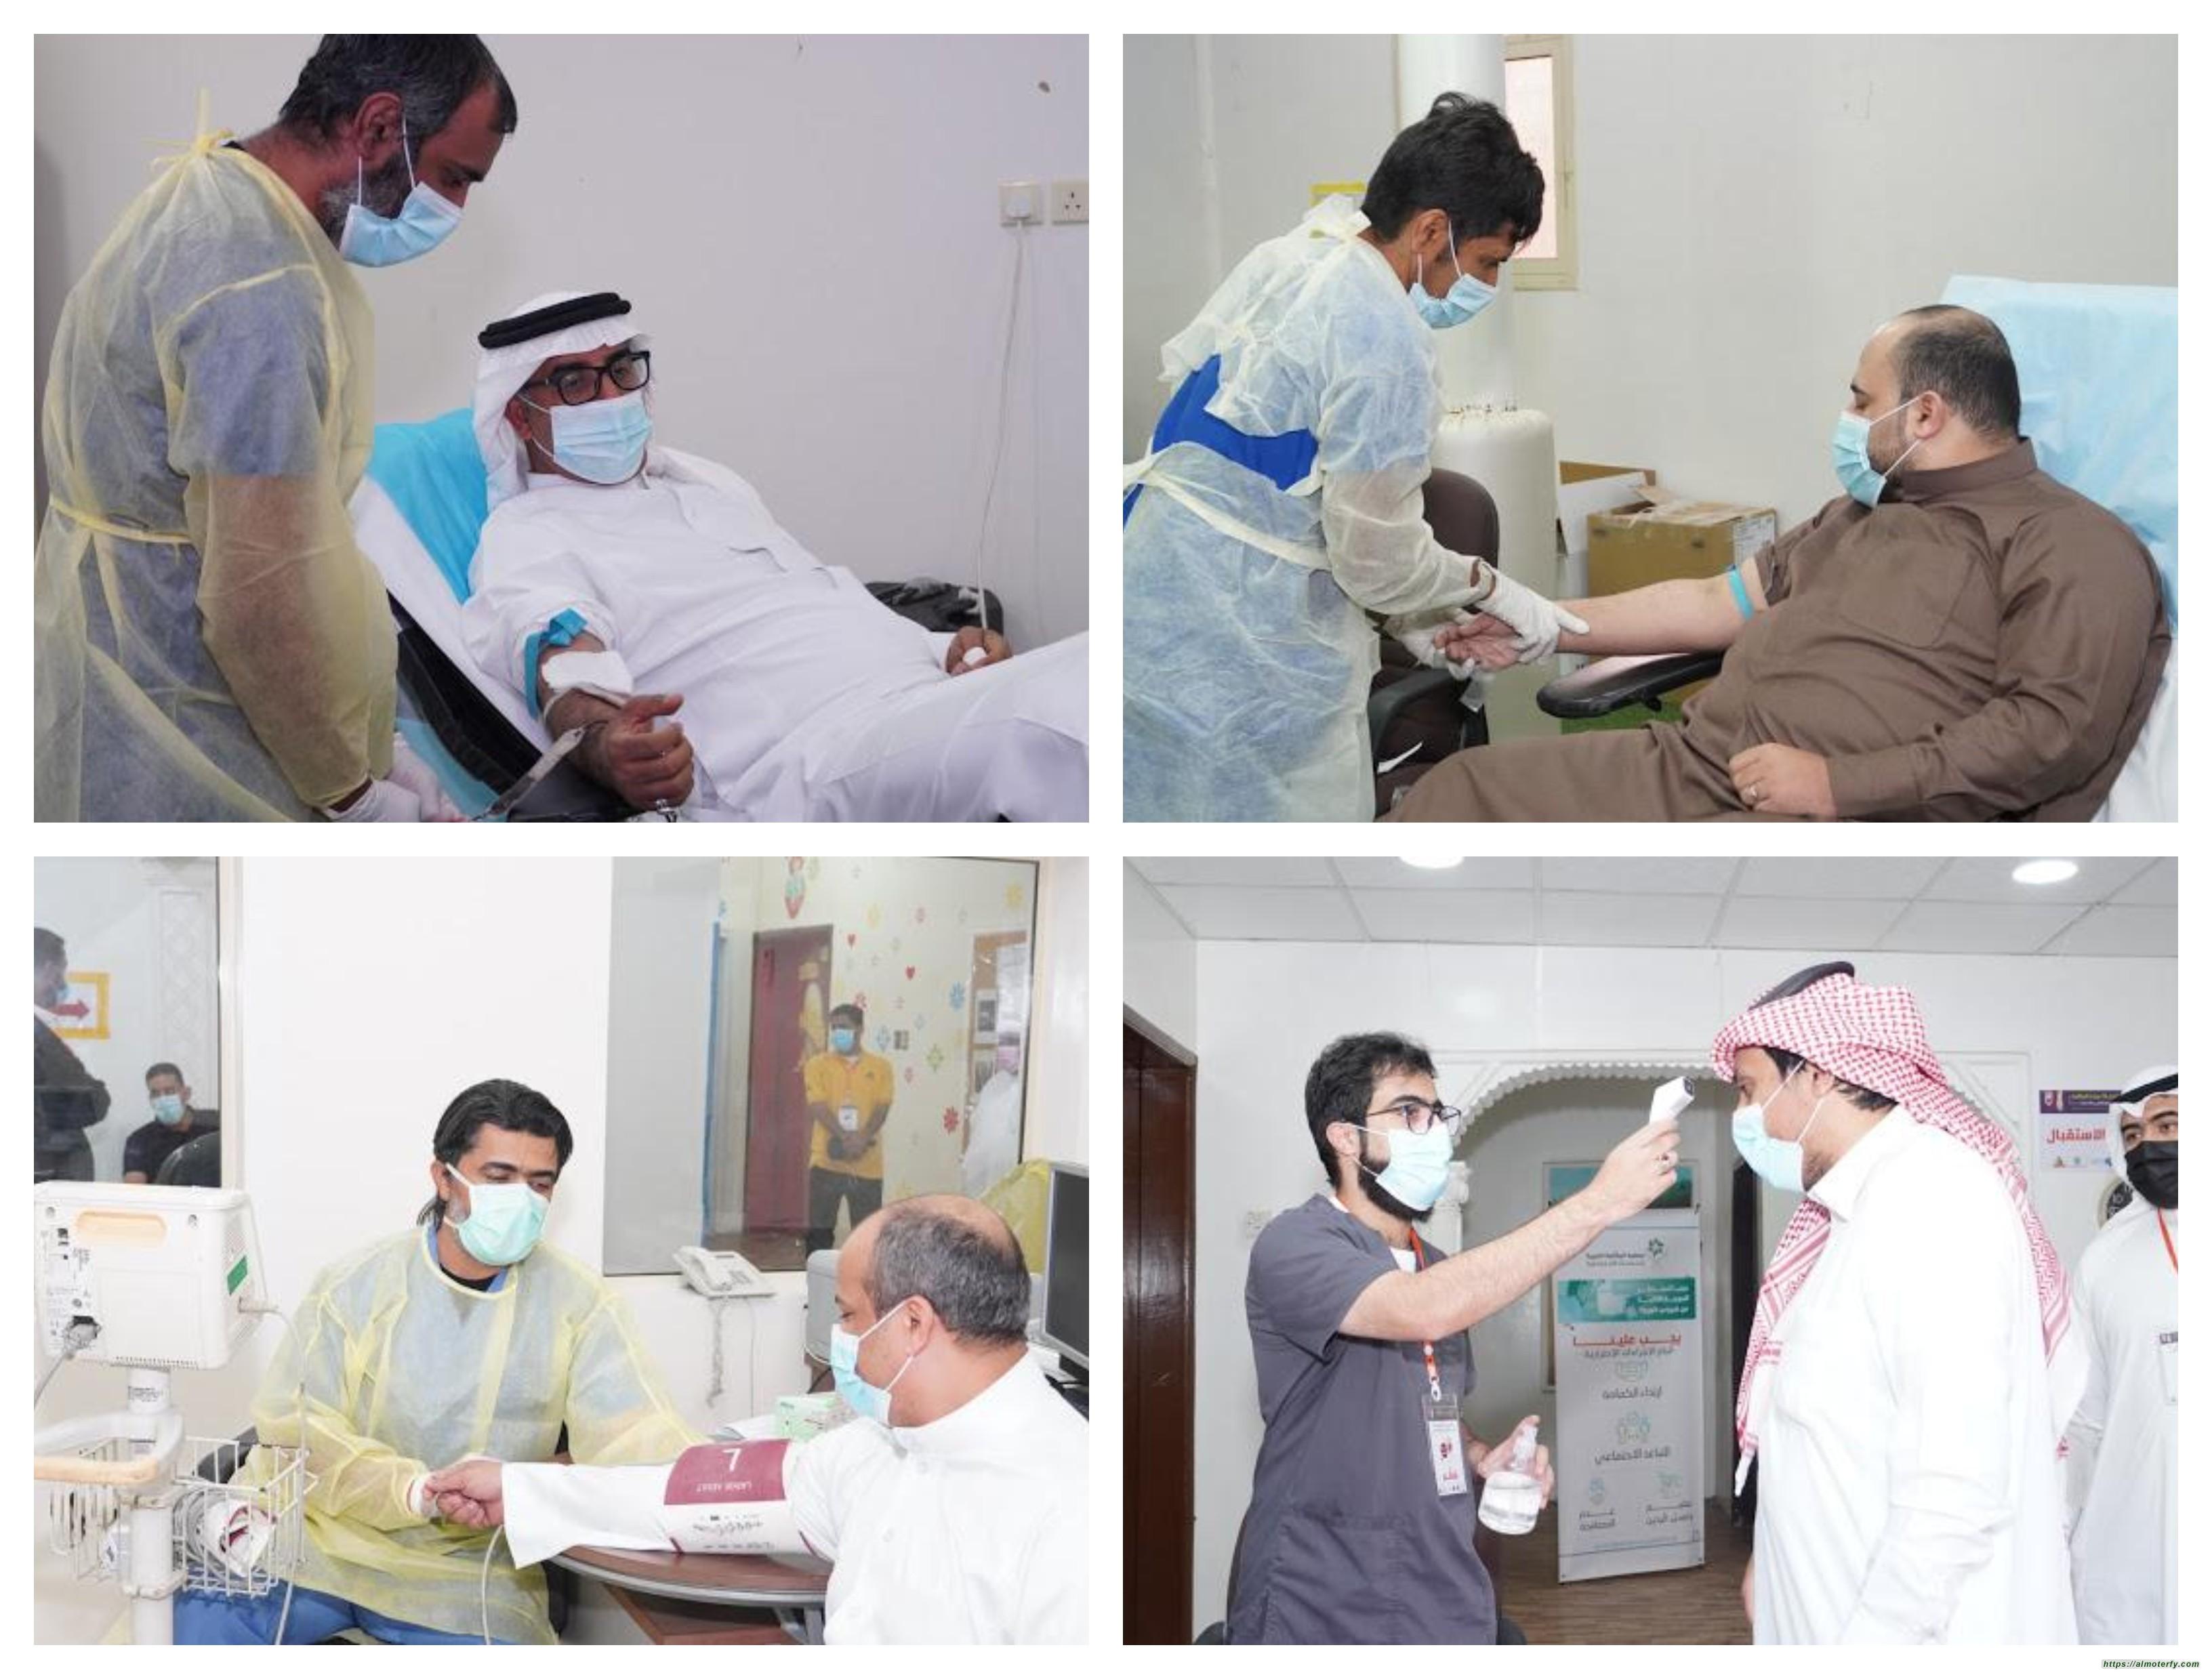 (200) متبرع بالدم خلال أسبوع في حملة معا ننقذ حياة بالأحساء